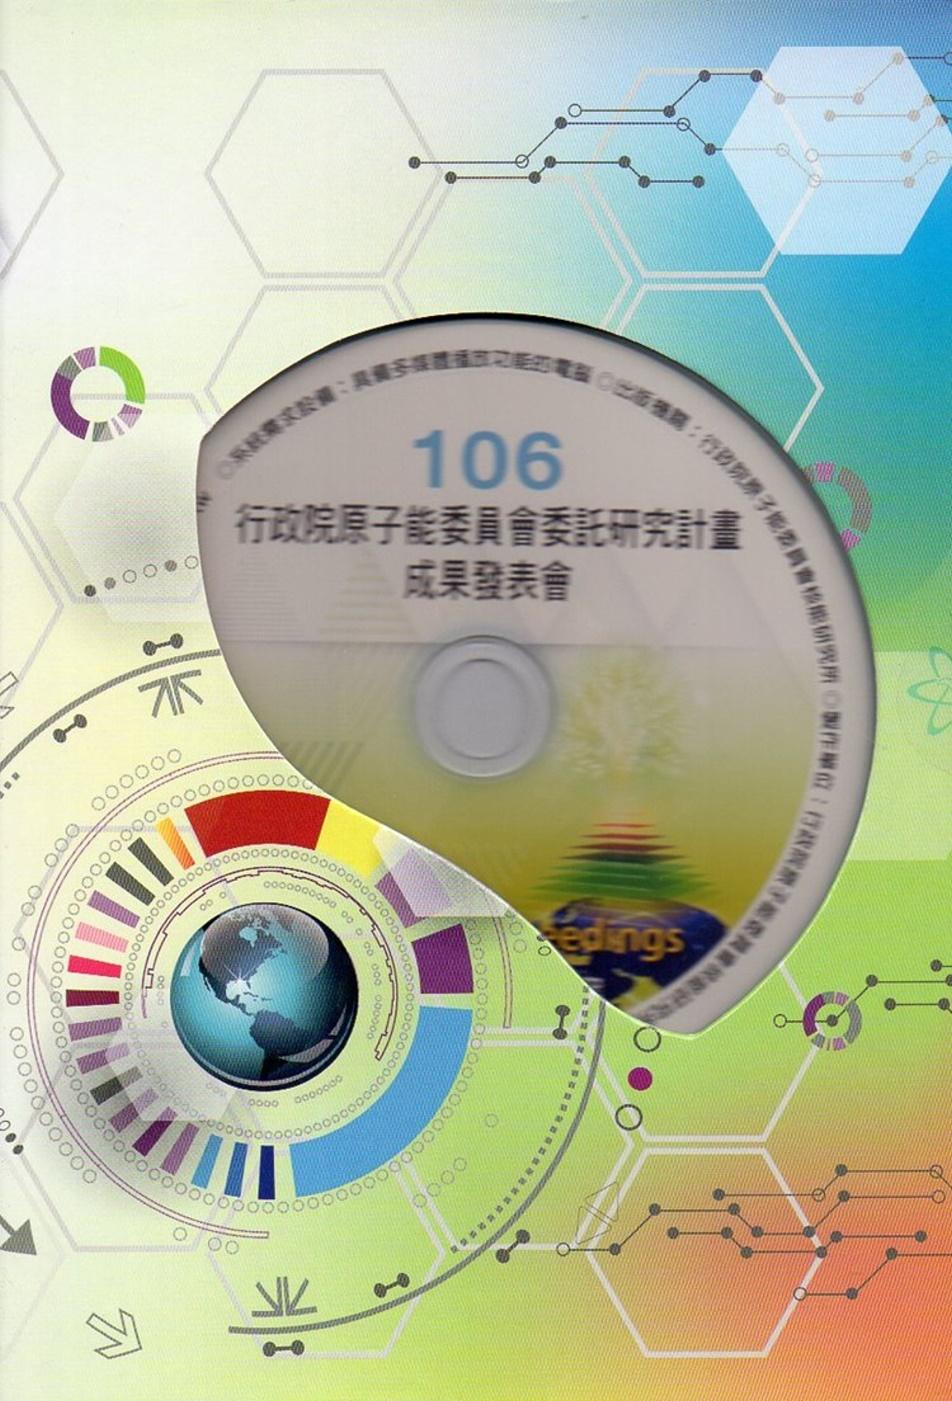 106行政院原子能委員會委託研究計畫成果發表會全文彙編[光碟]